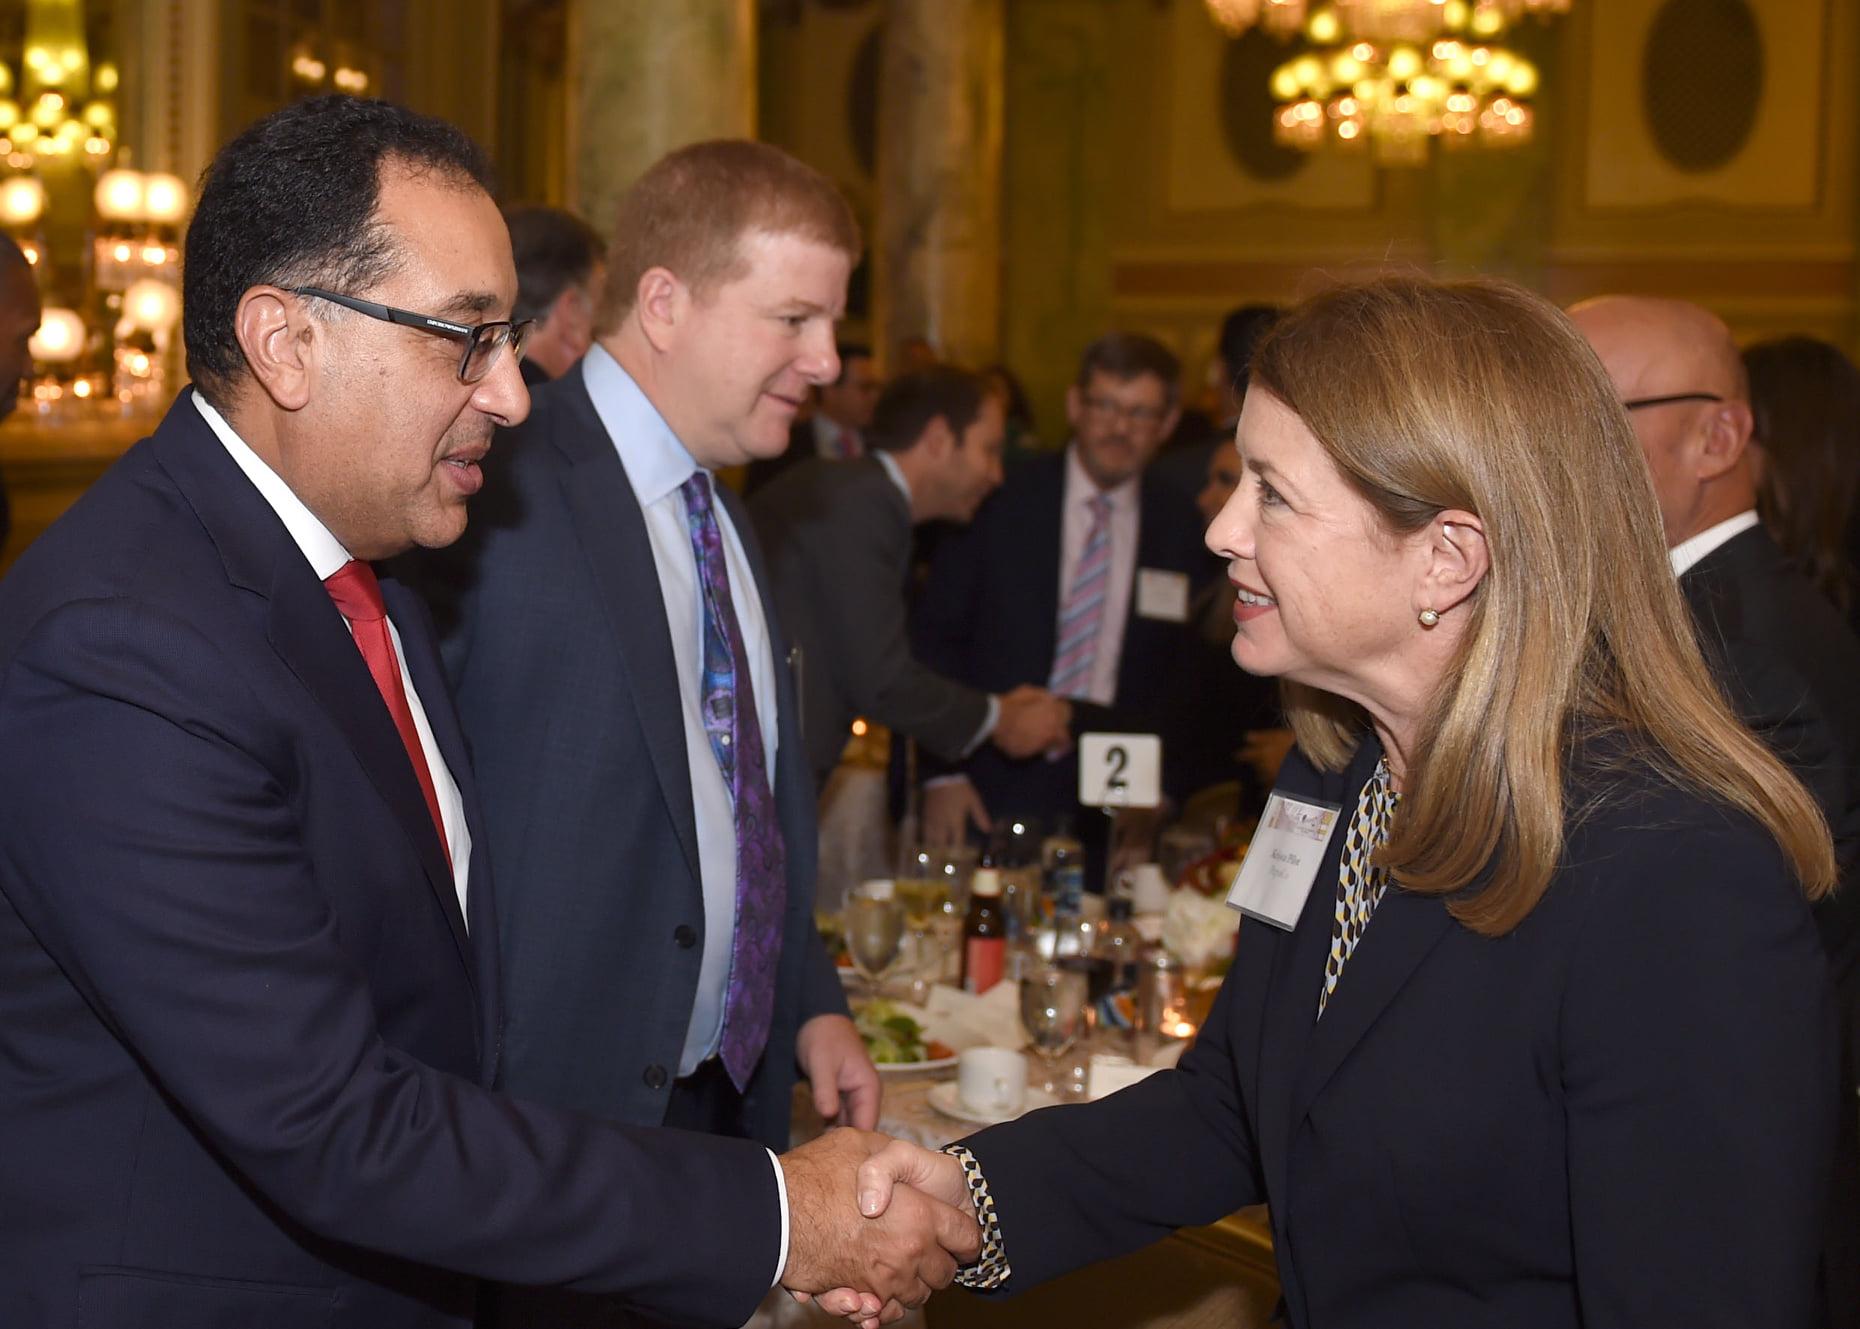 صور | غرفة التجارة الأمريكية في واشنطن تنظم عشاء عمل على شرف رئيس الوزراء